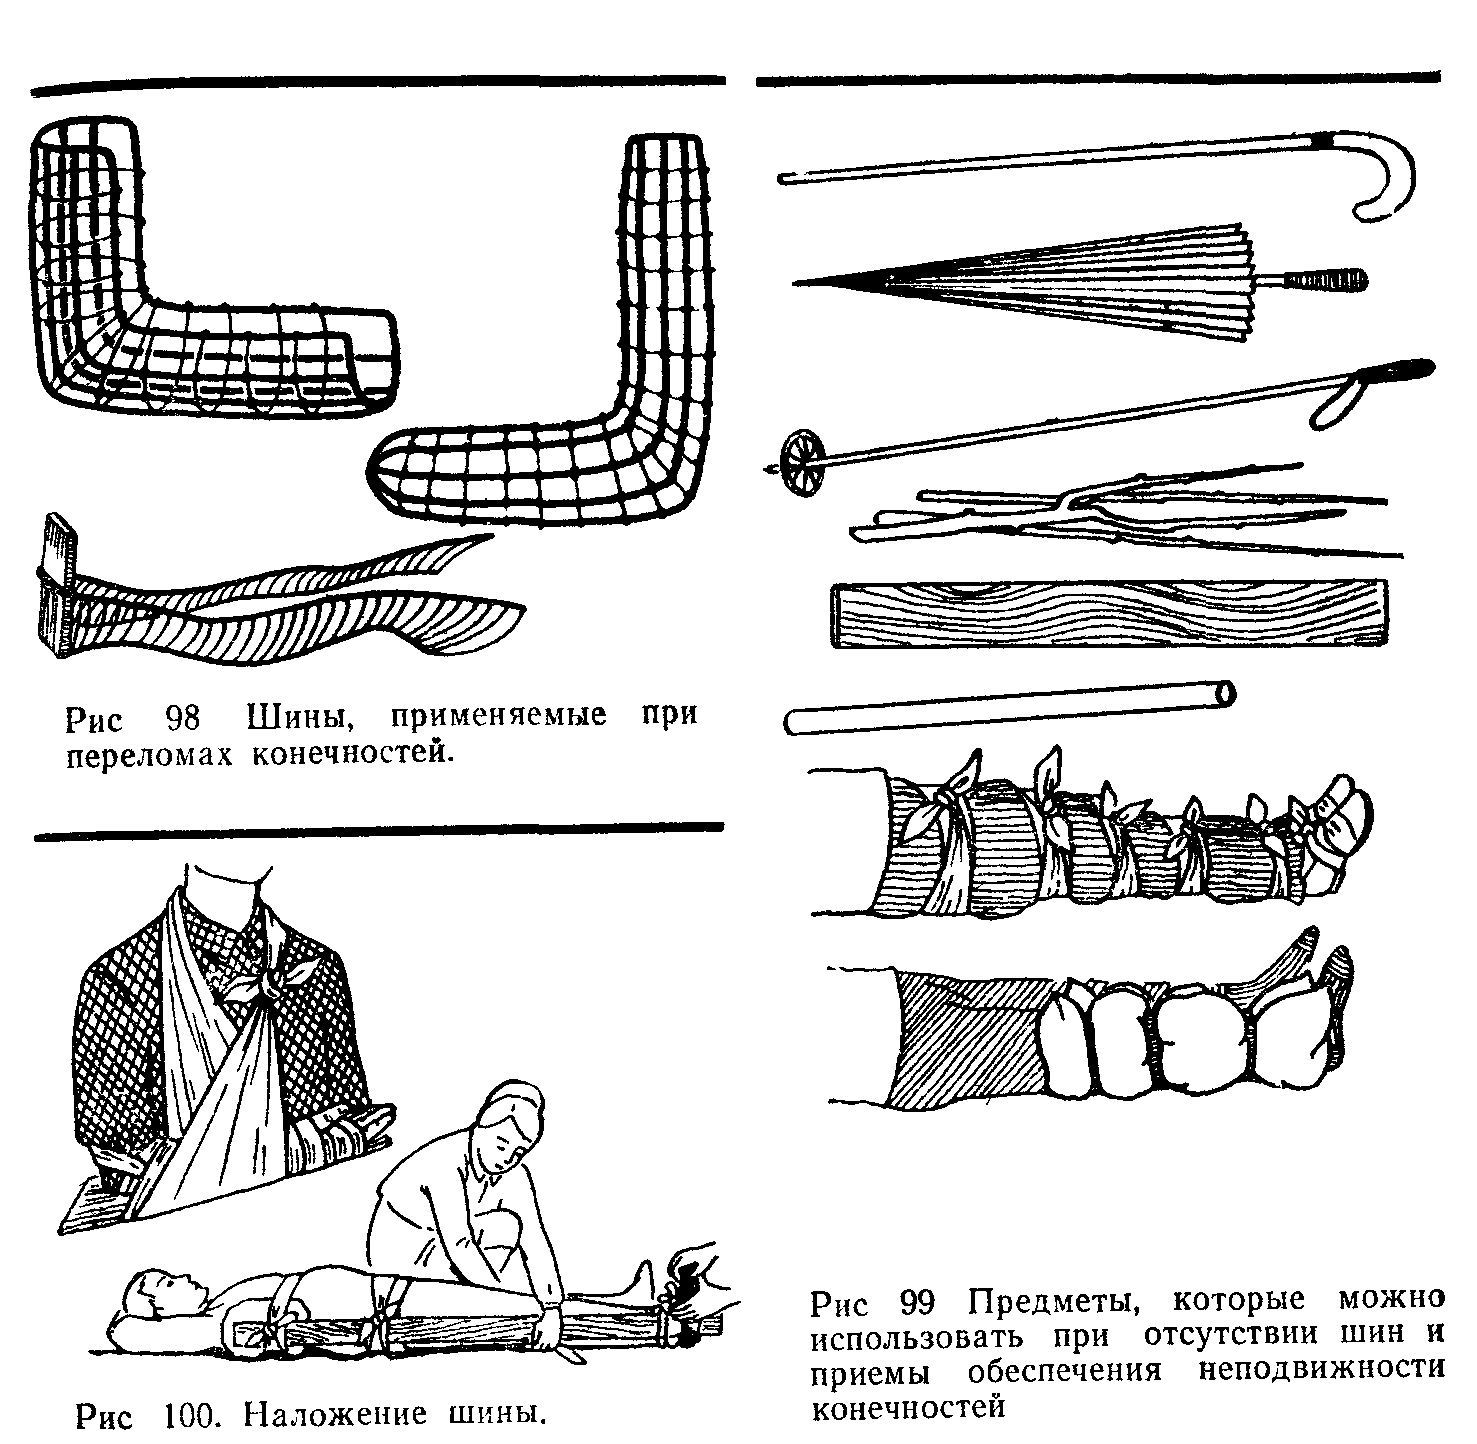 наложение шин с иллюстрациями